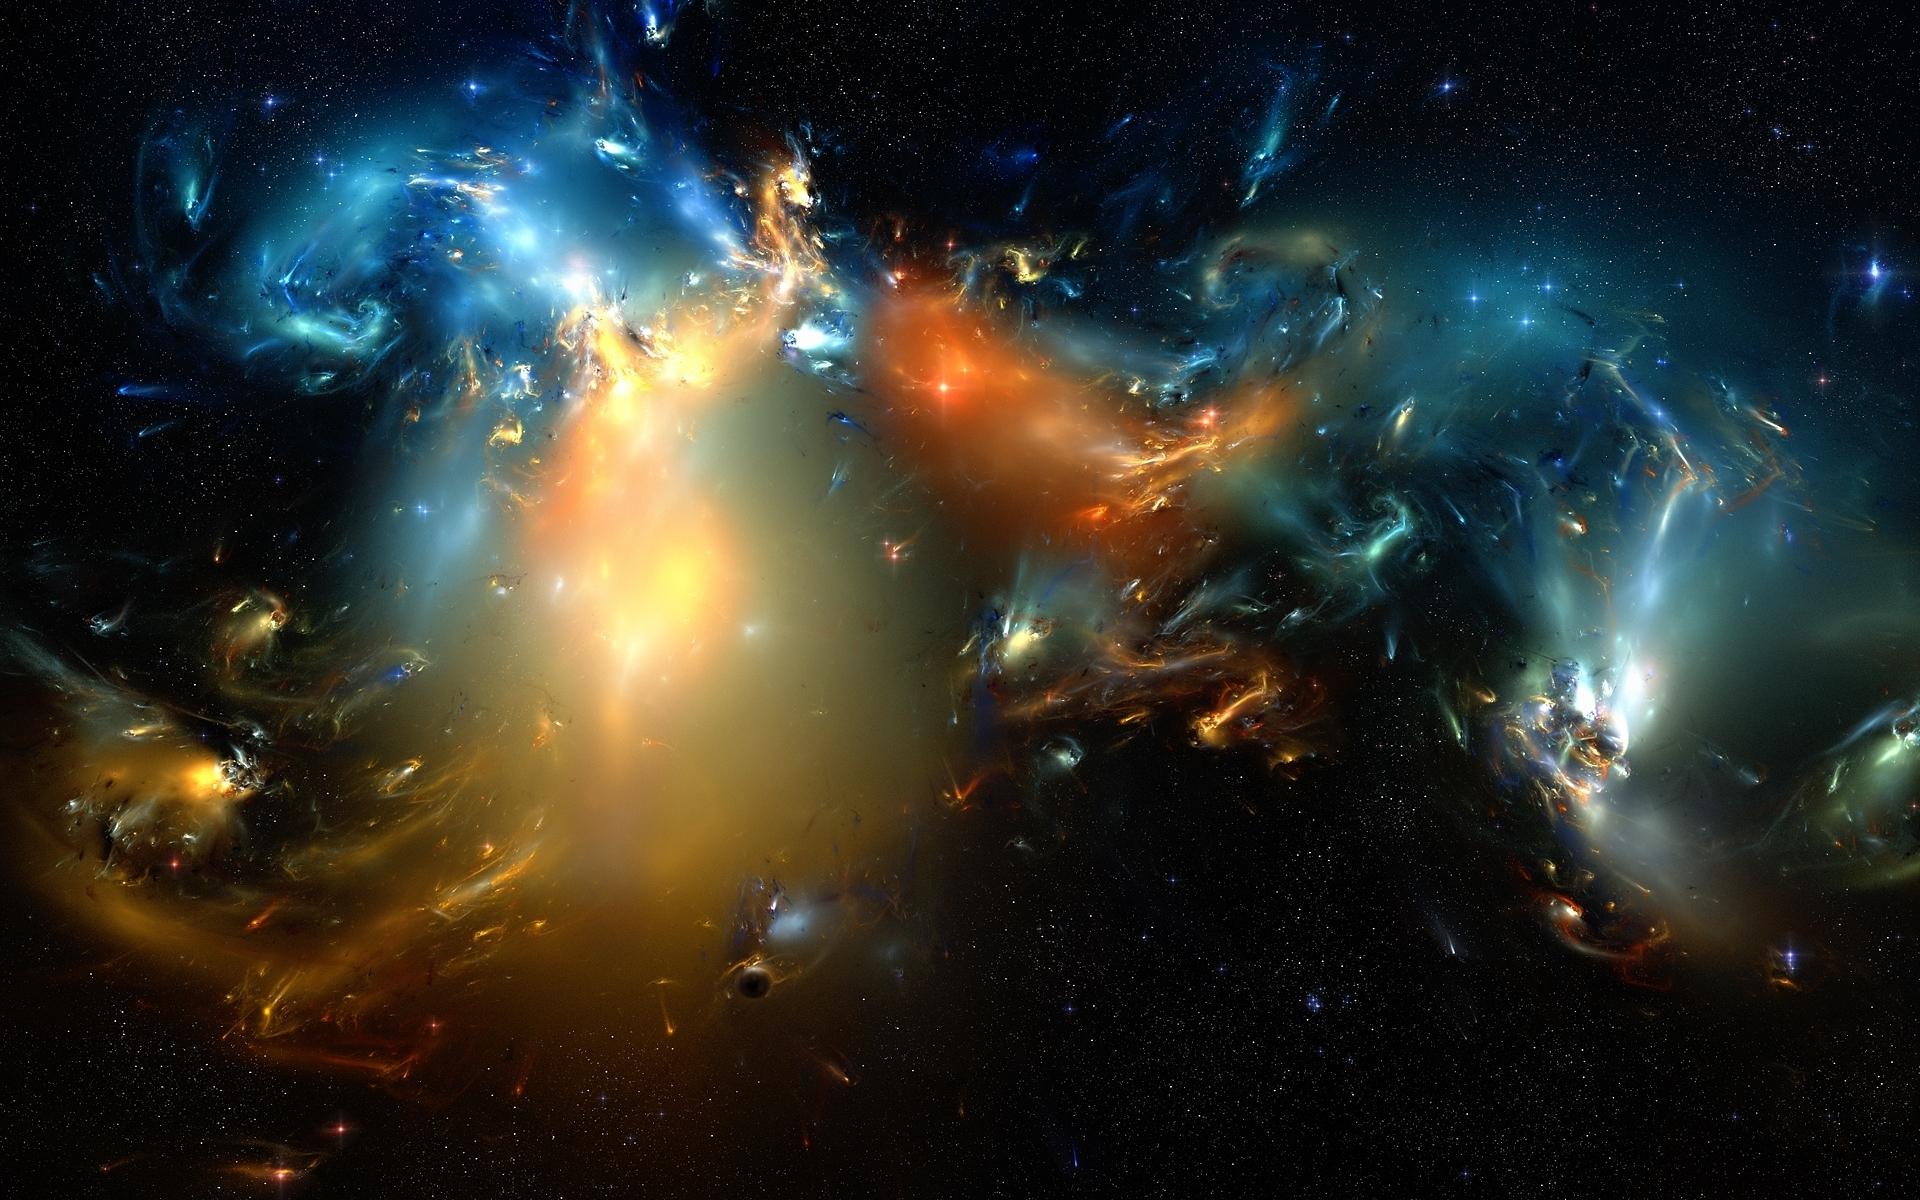 Скачать картинку Пейзаж, Фон, Космос в телефон бесплатно.